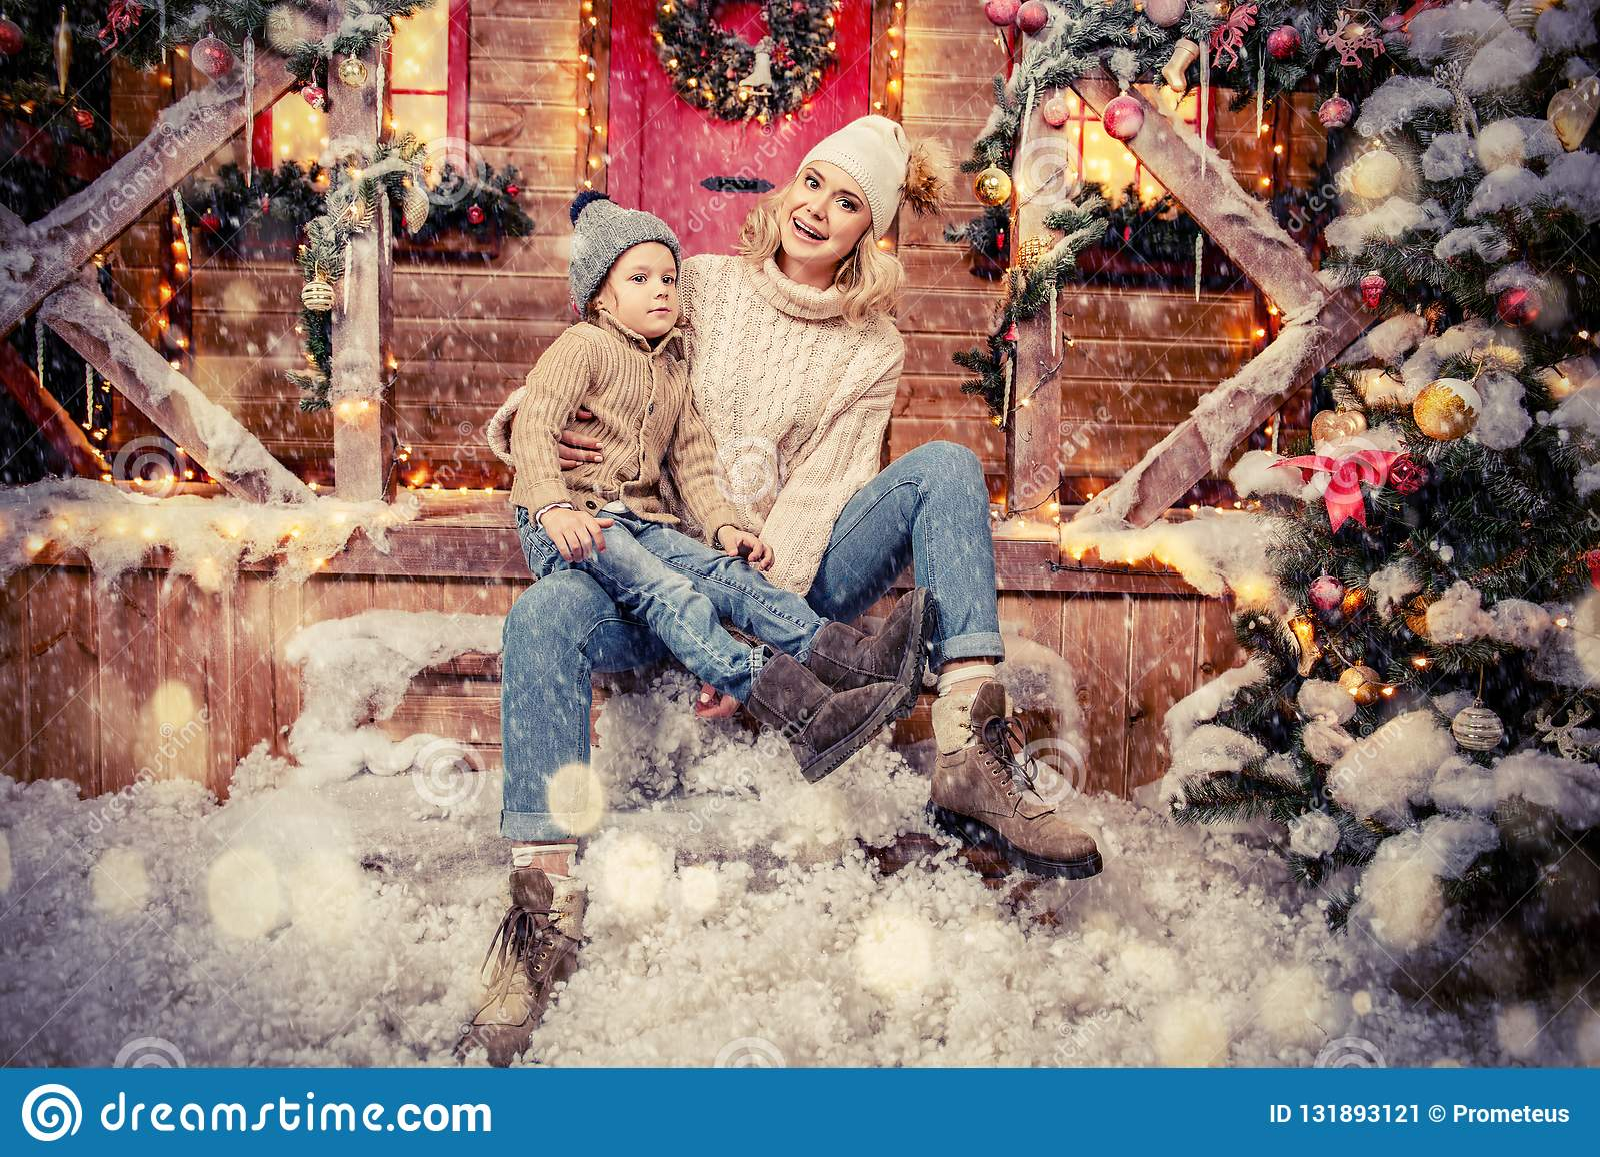 Noite de Natal com família